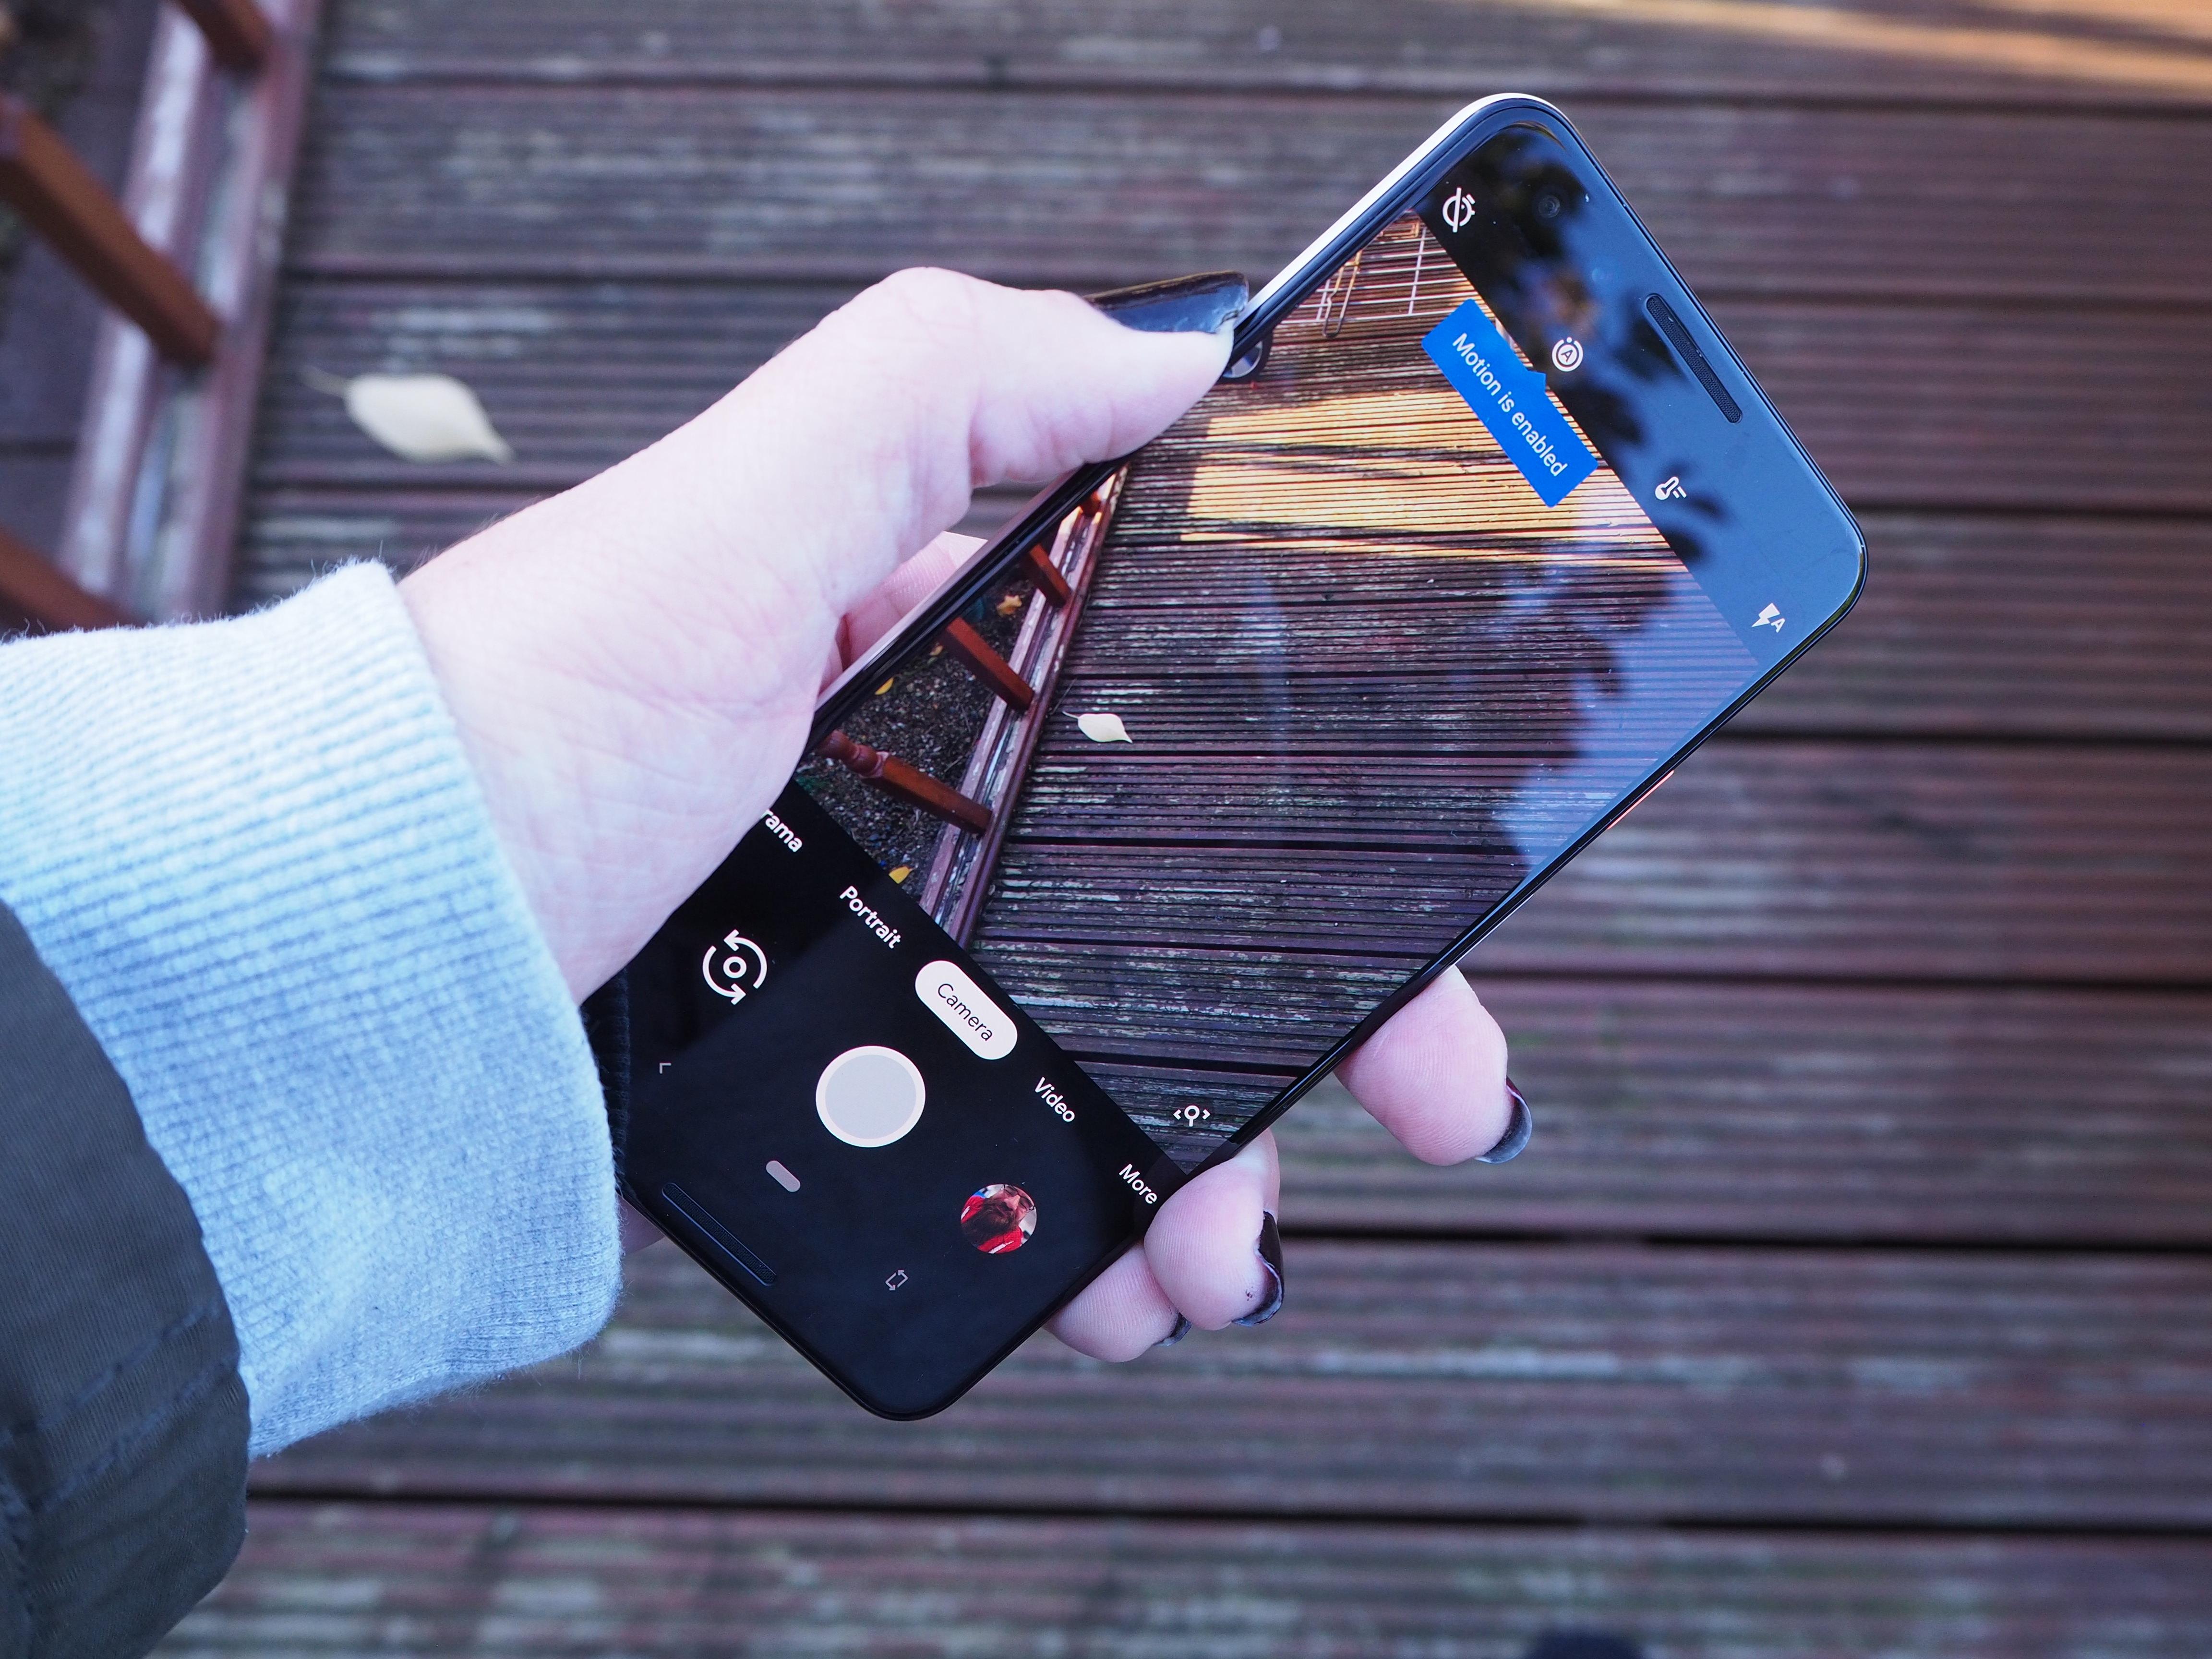 Google Pixel 3 Smartphone Review   ePHOTOzine